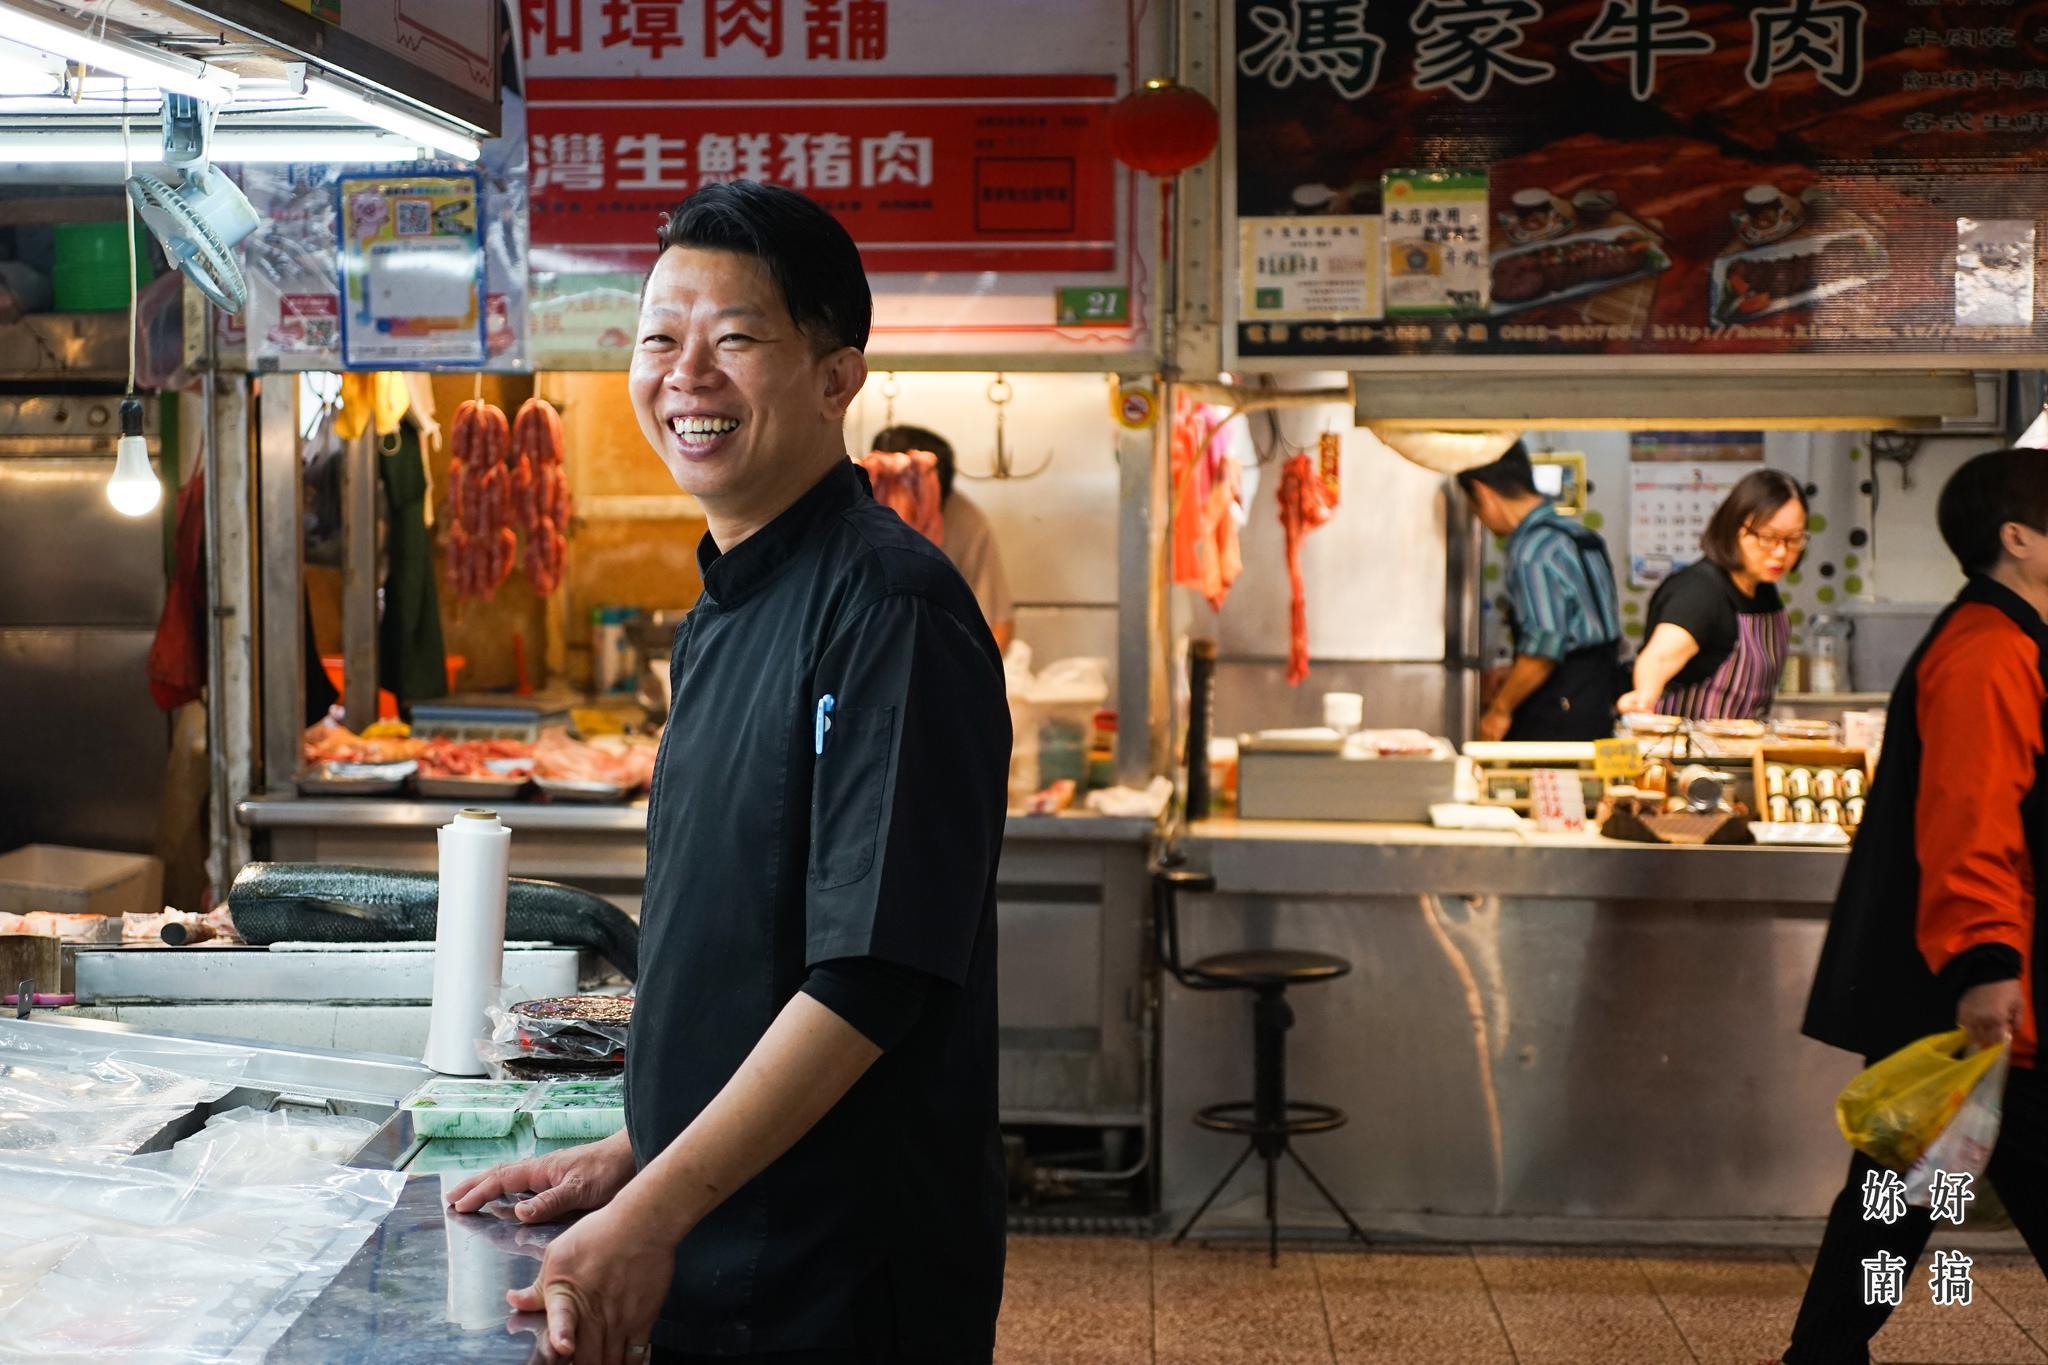 台南旅遊-主廚的菜籃子-09-妳好南搞